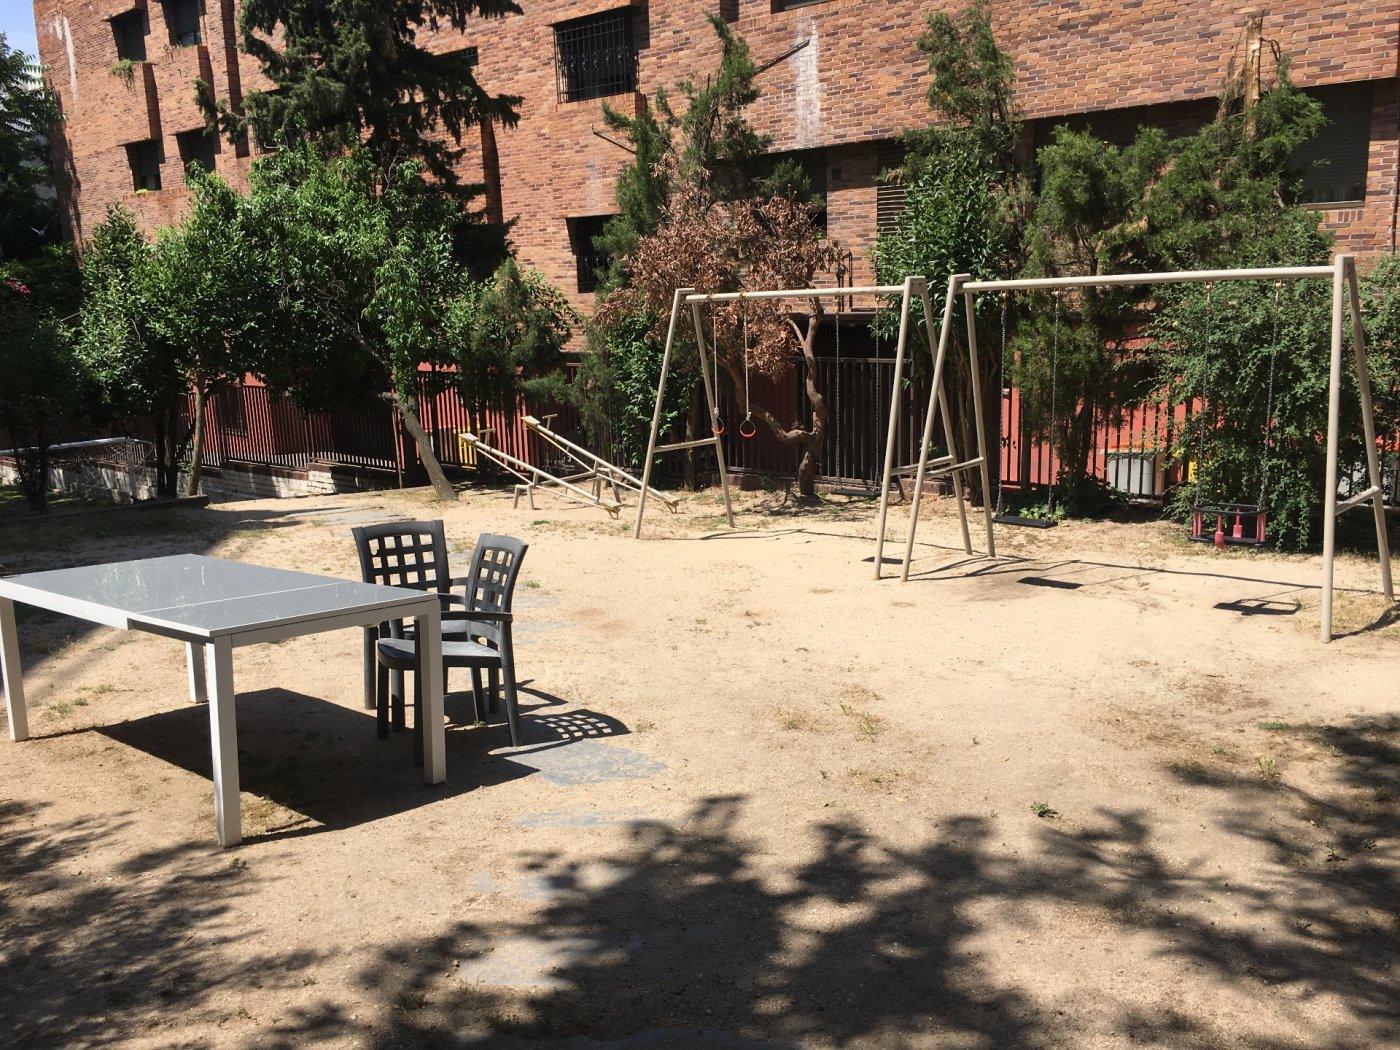 Alquiler de piso en madrid - imagenInmueble26